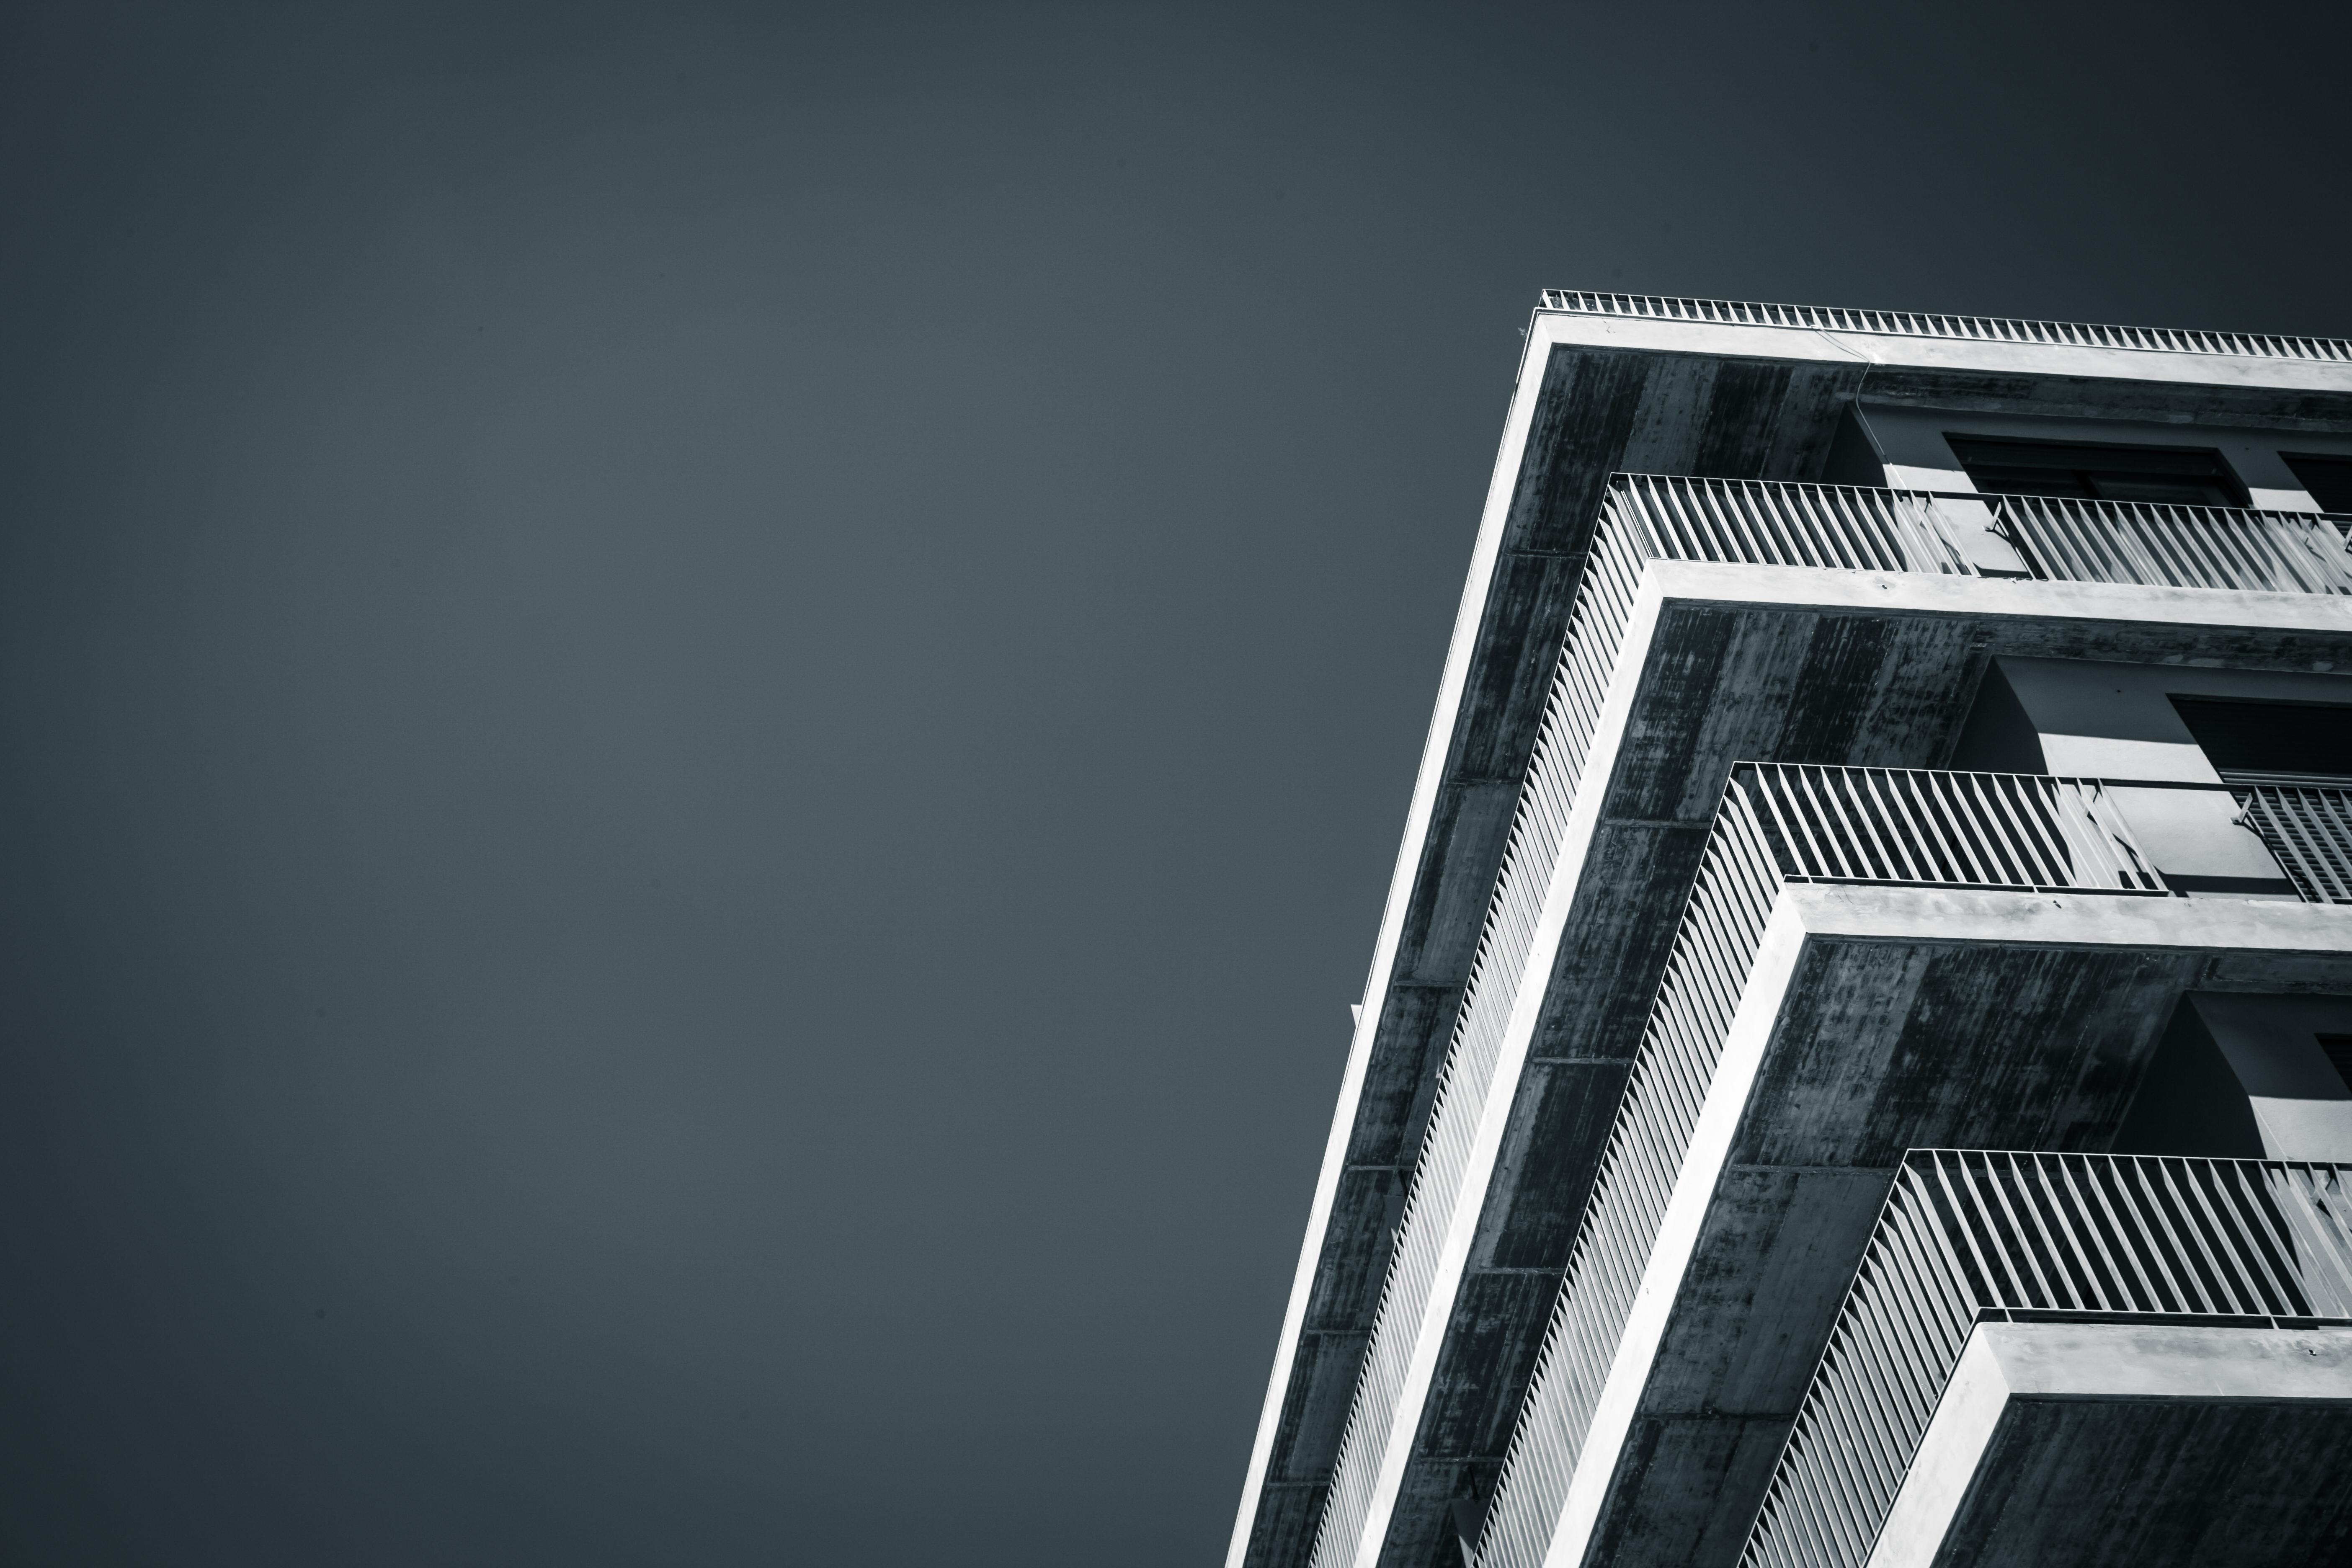 fotos gratis ligero abstracto en blanco y negro